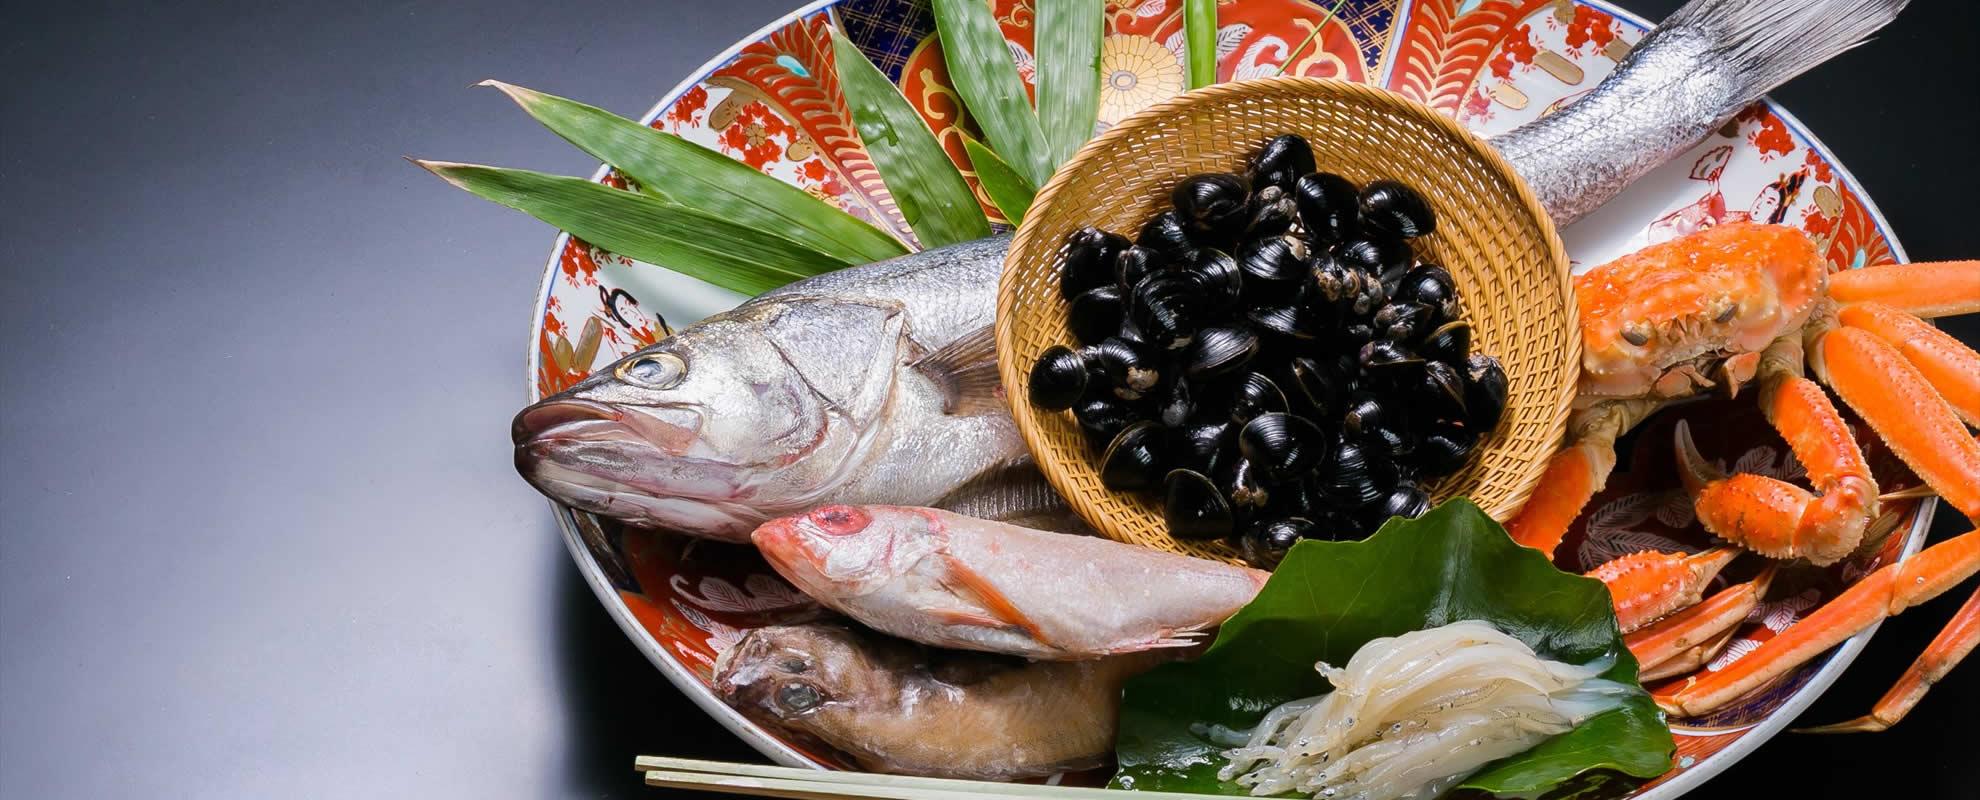 宍道湖七珍・山陰の料理